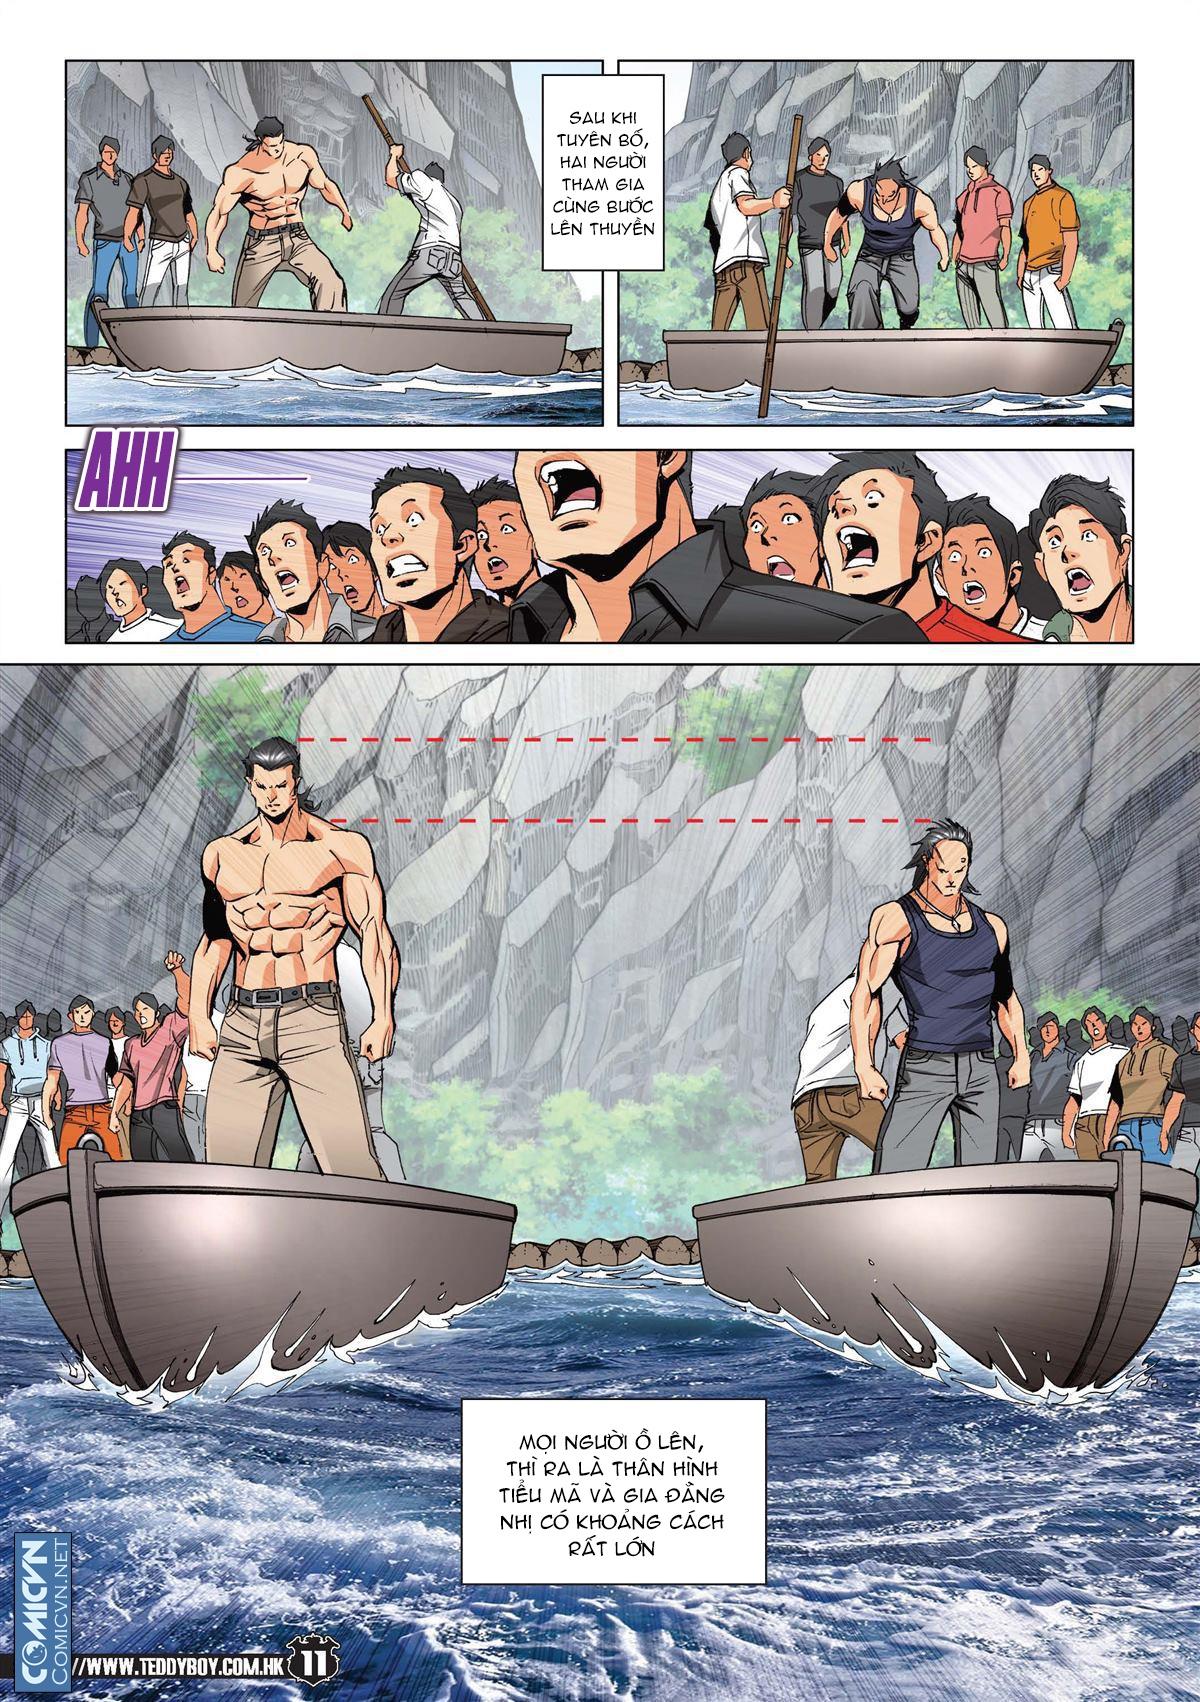 Người Trong Giang Hồ chapter 2148: tiểu mã vs gia đằng nhị trang 9